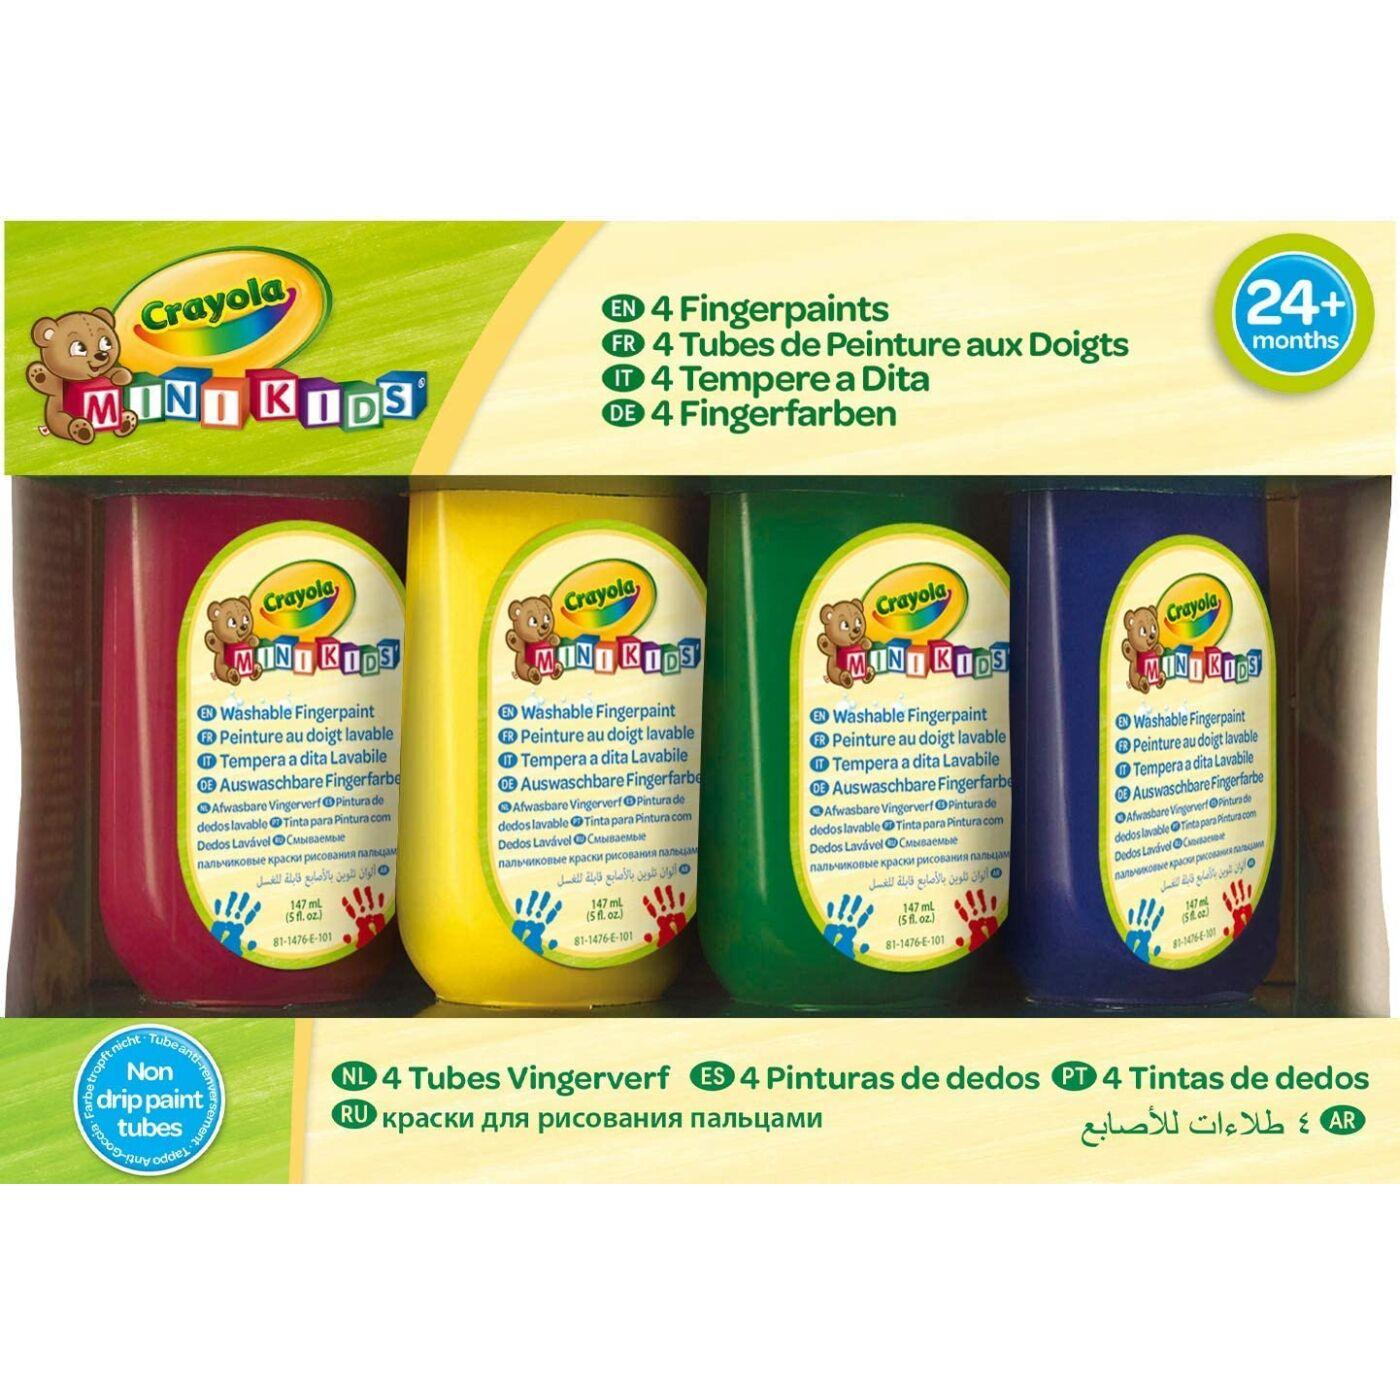 Crayola lemosható ujjfesték